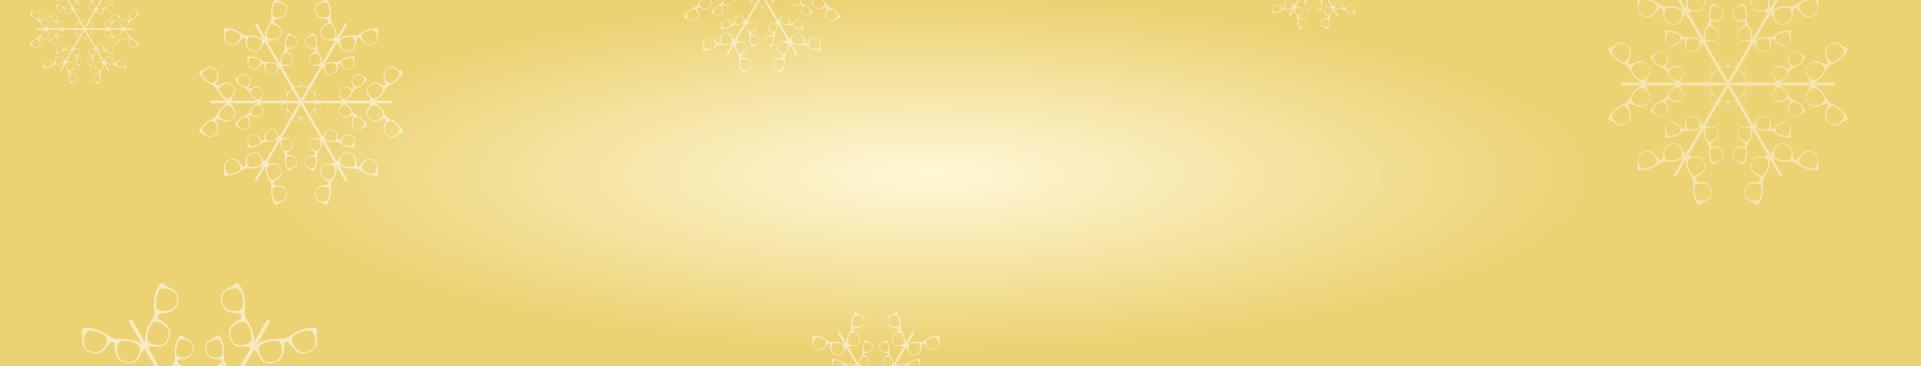 Imagen de background navideña